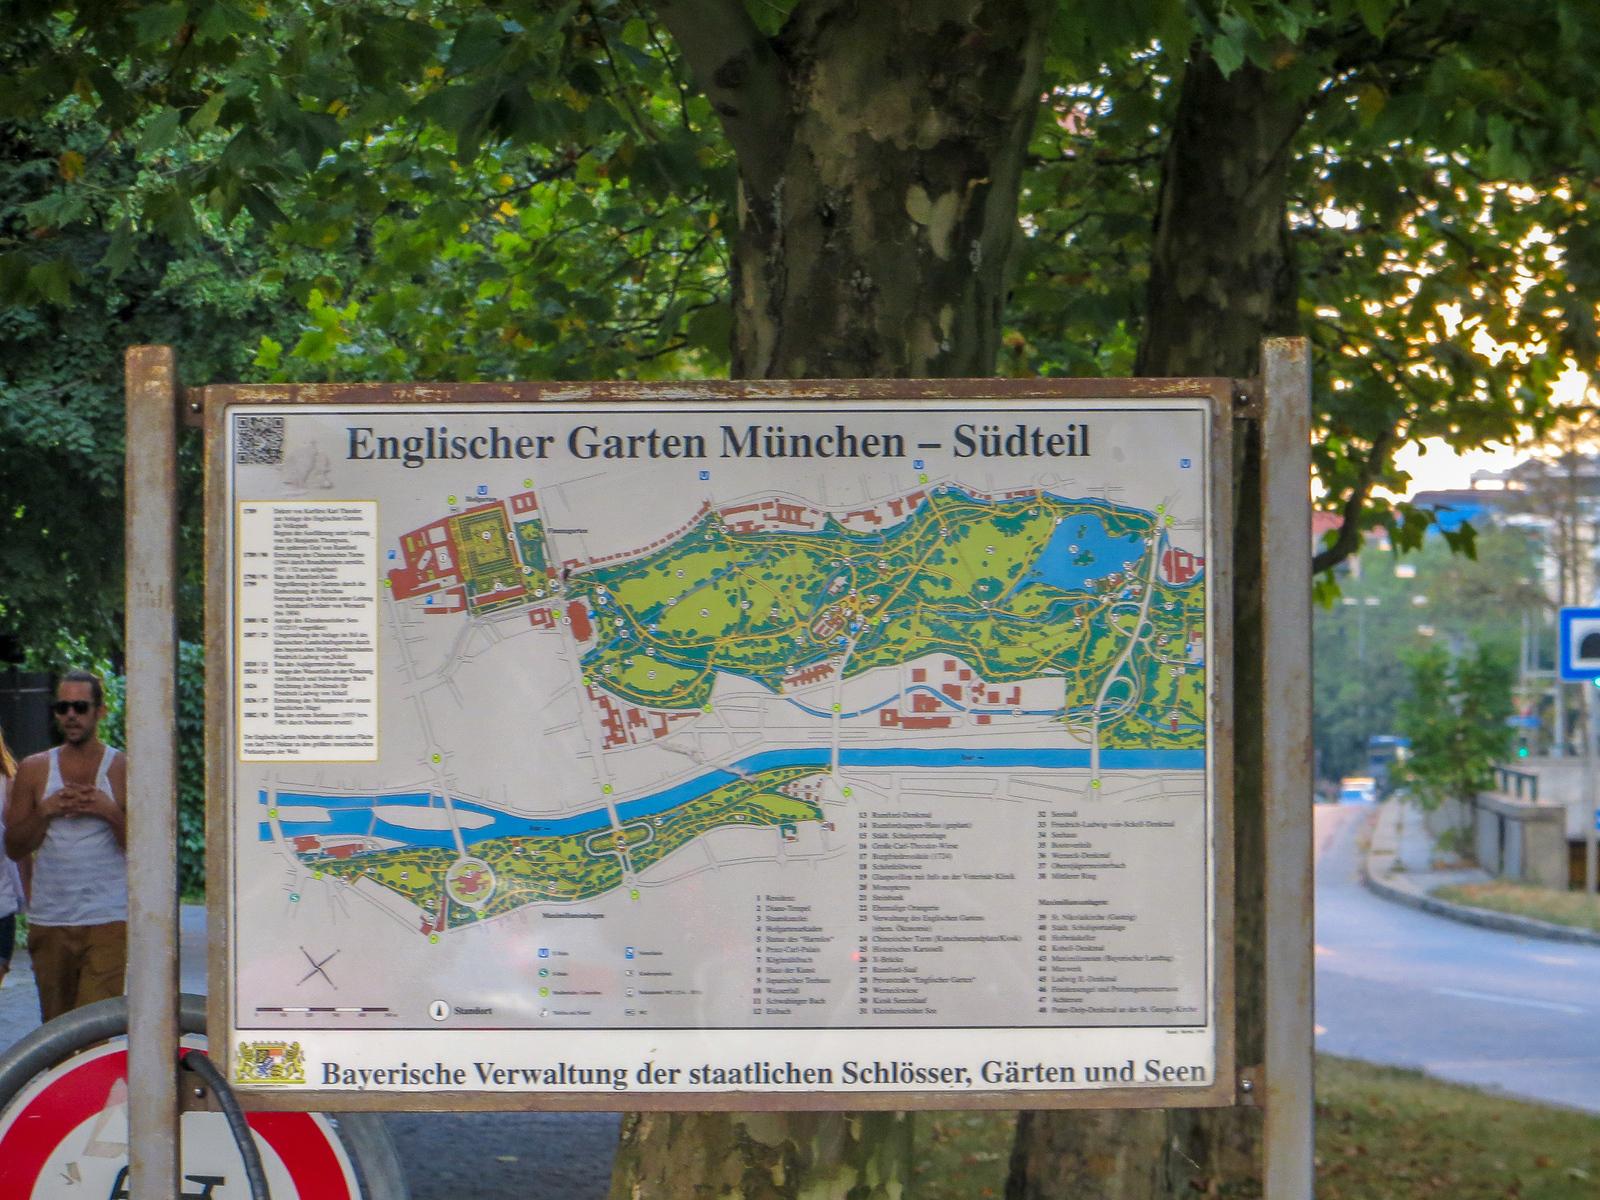 munich 2 days budget option: the english garden